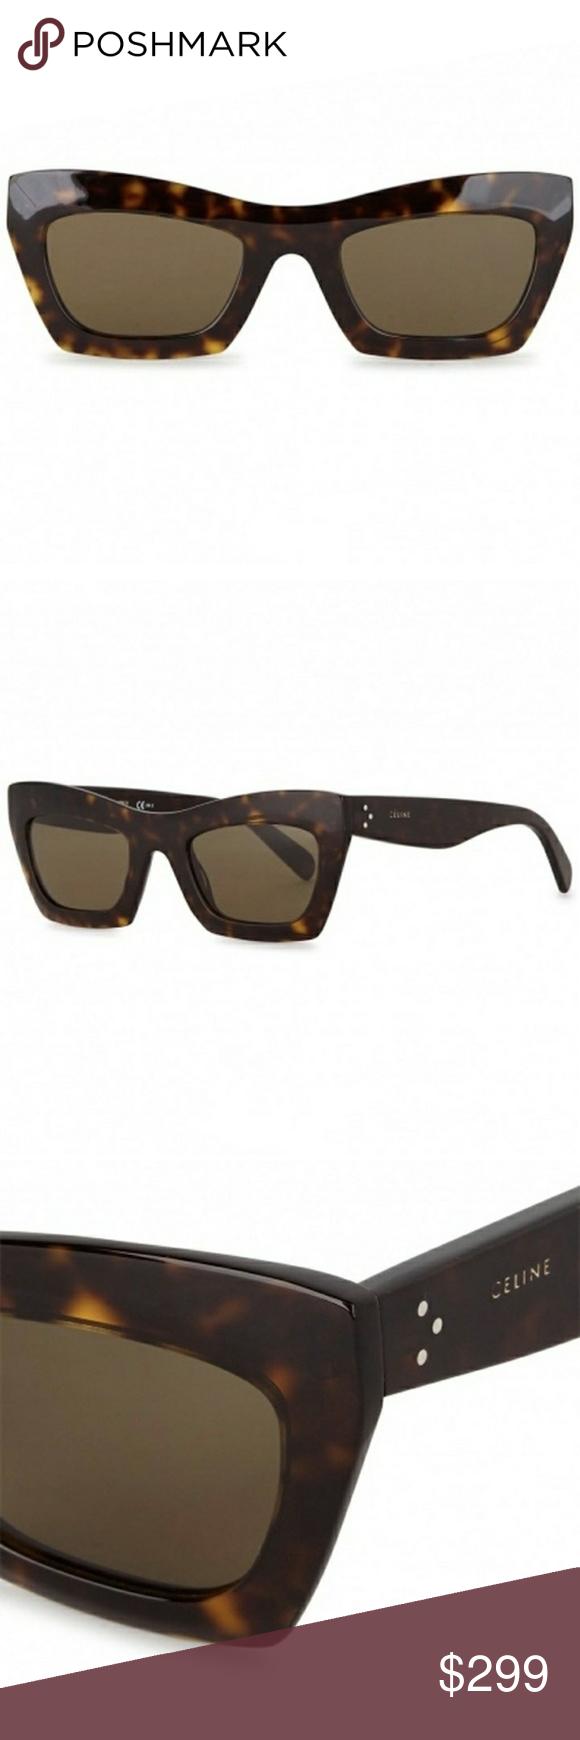 fdf63b2f238c Celine Eva Tortoiseshell Sunglasses New Céline Eva Sunglasses in the color  Tortoiseshell Acetate. 💯